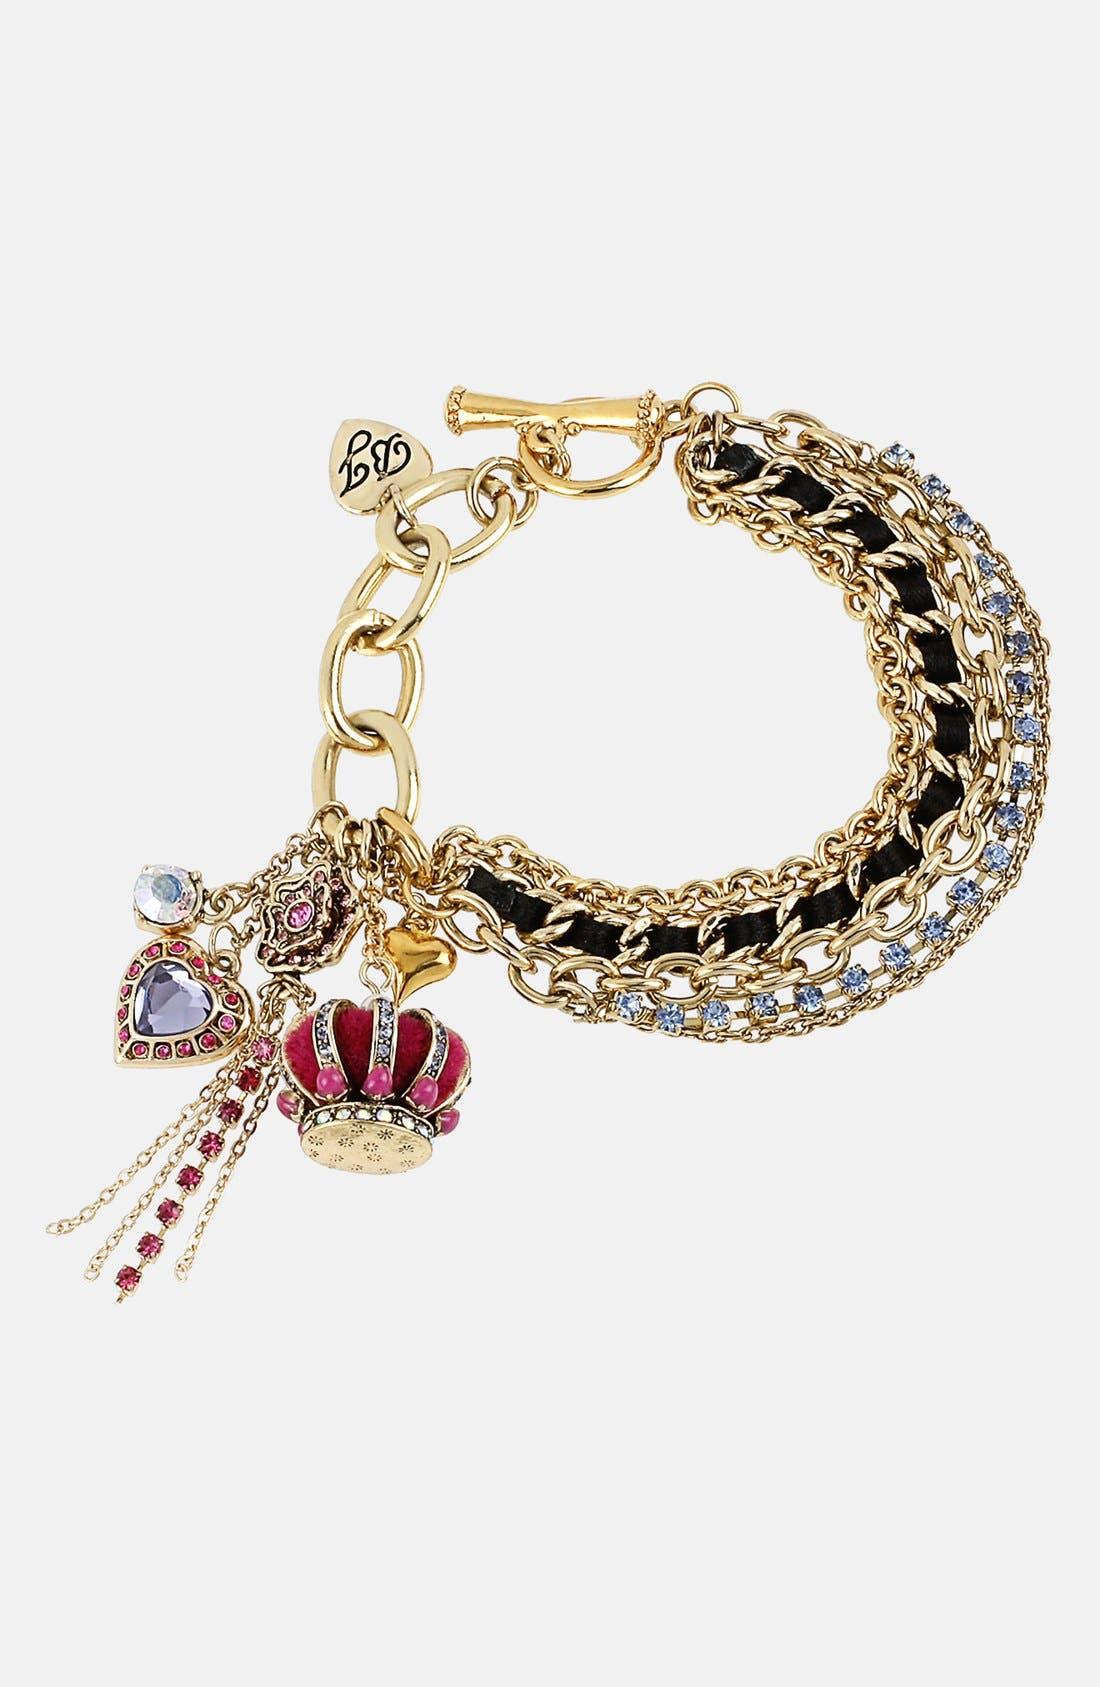 Main Image - Betsey Johnson 'Imperial' Toggle Charm Bracelet